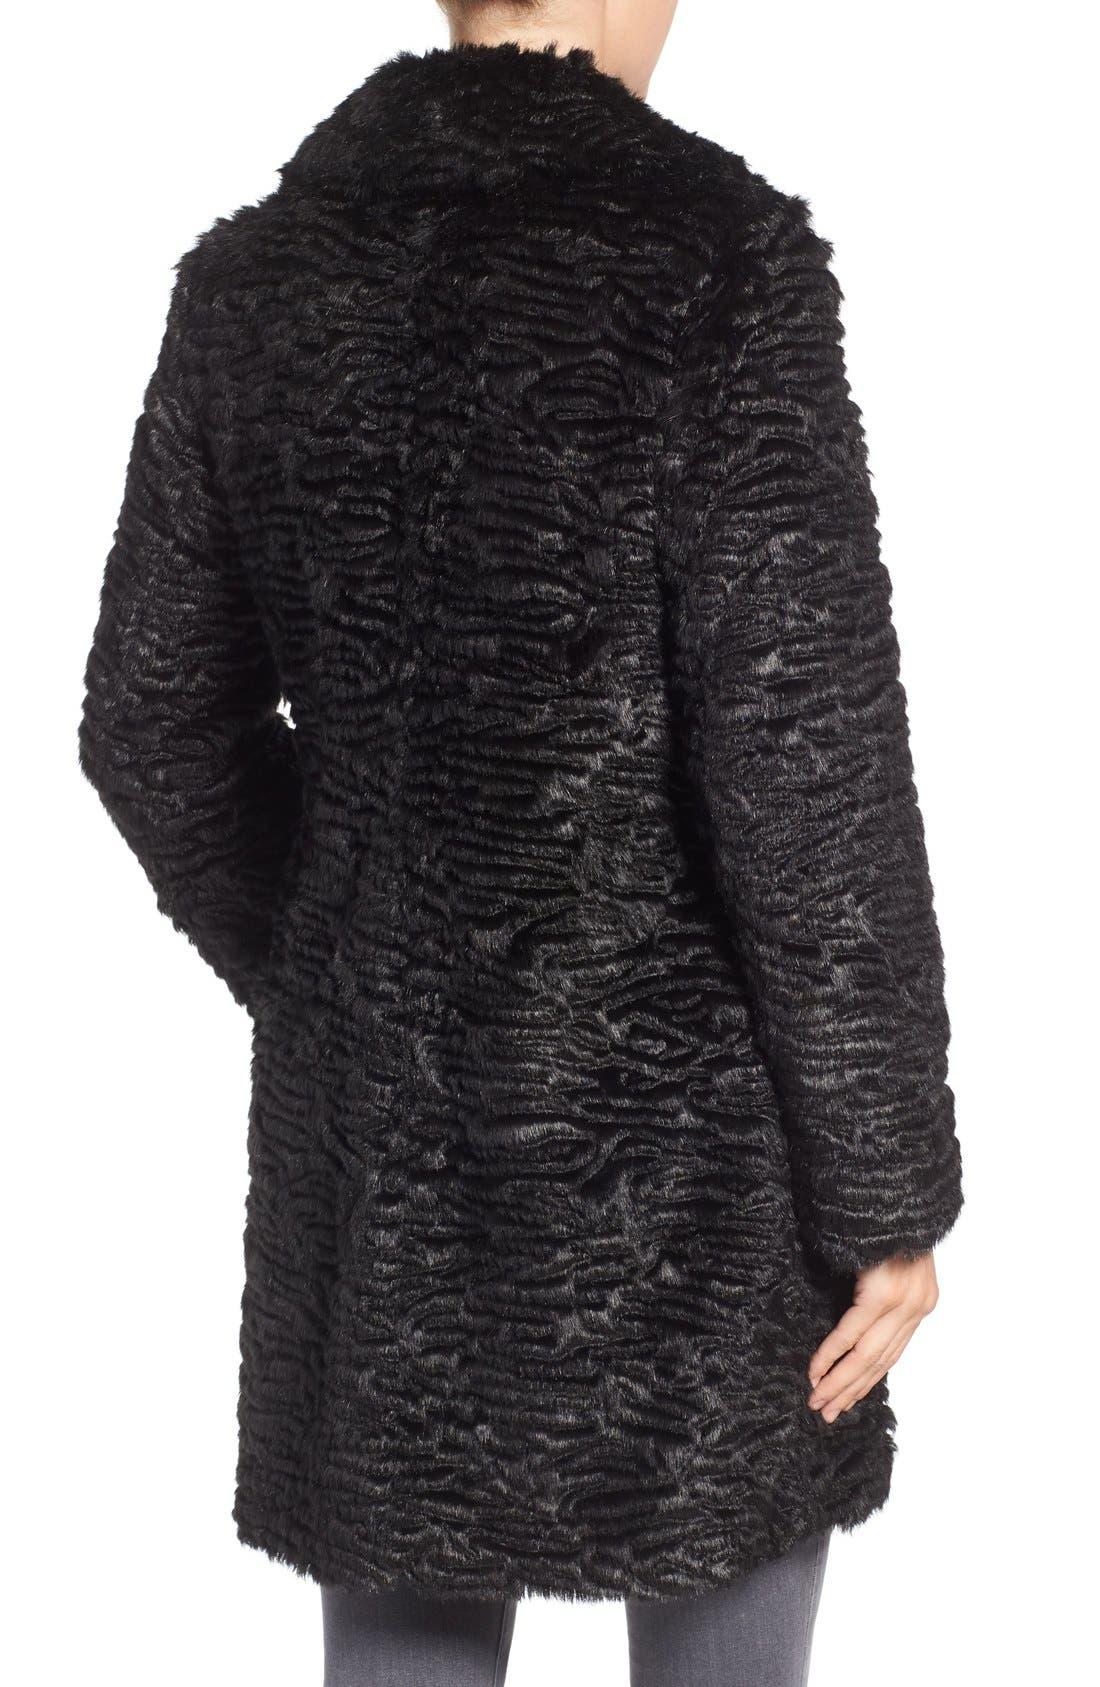 Faux Persian Lamb Coat,                             Alternate thumbnail 2, color,                             001